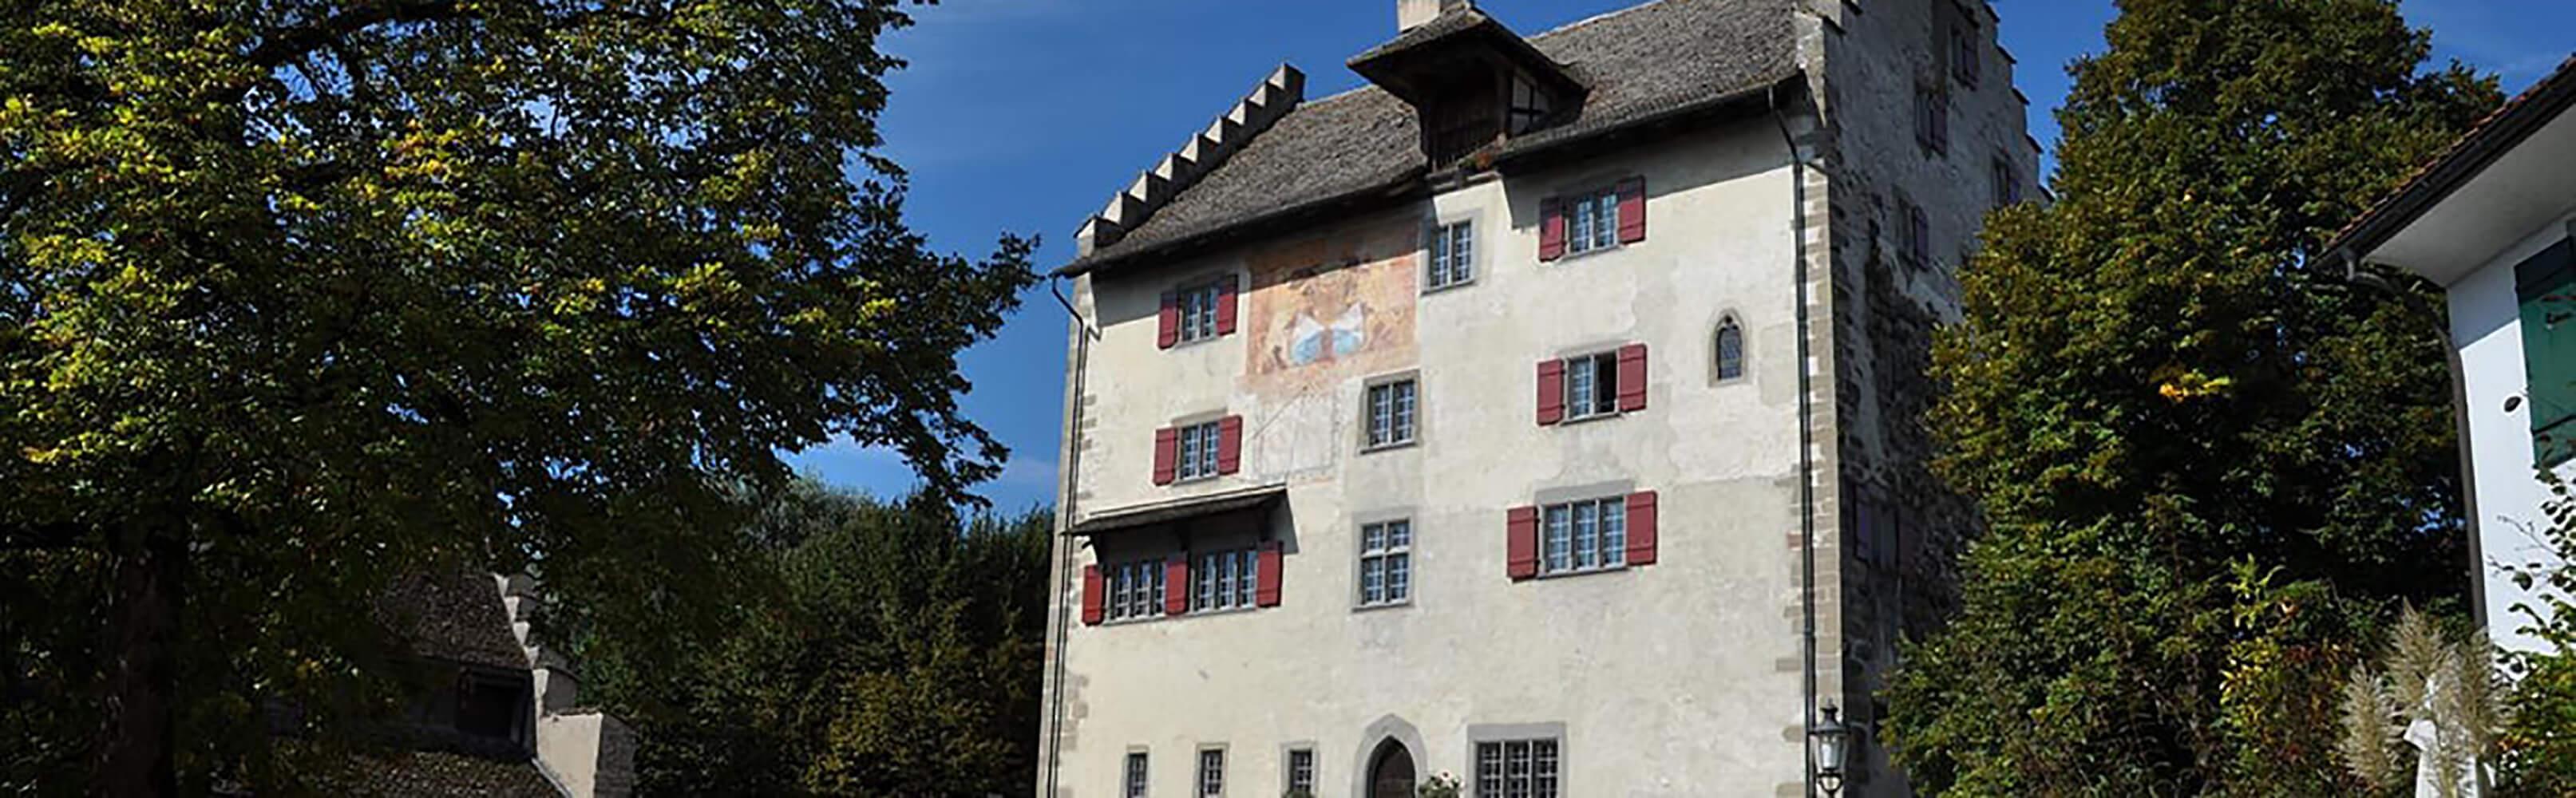 Schloss Greifensee 1